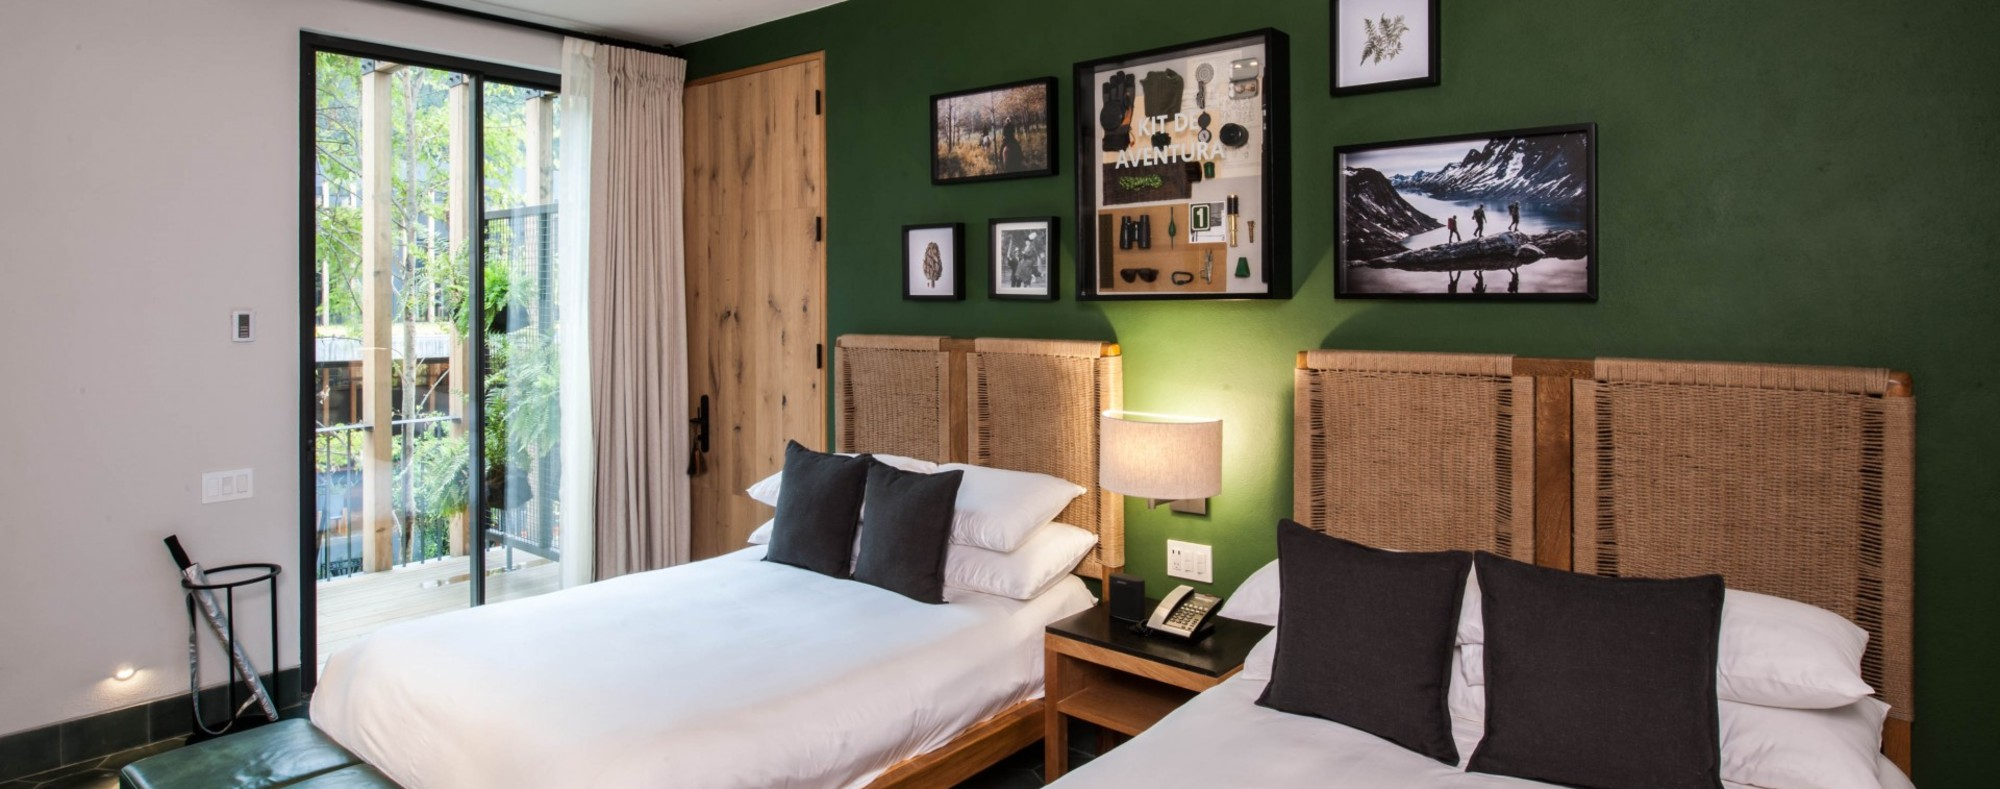 Suites para familias o amigos en Cinco Rodavento uno de los mejores hoteles en valle de bravo